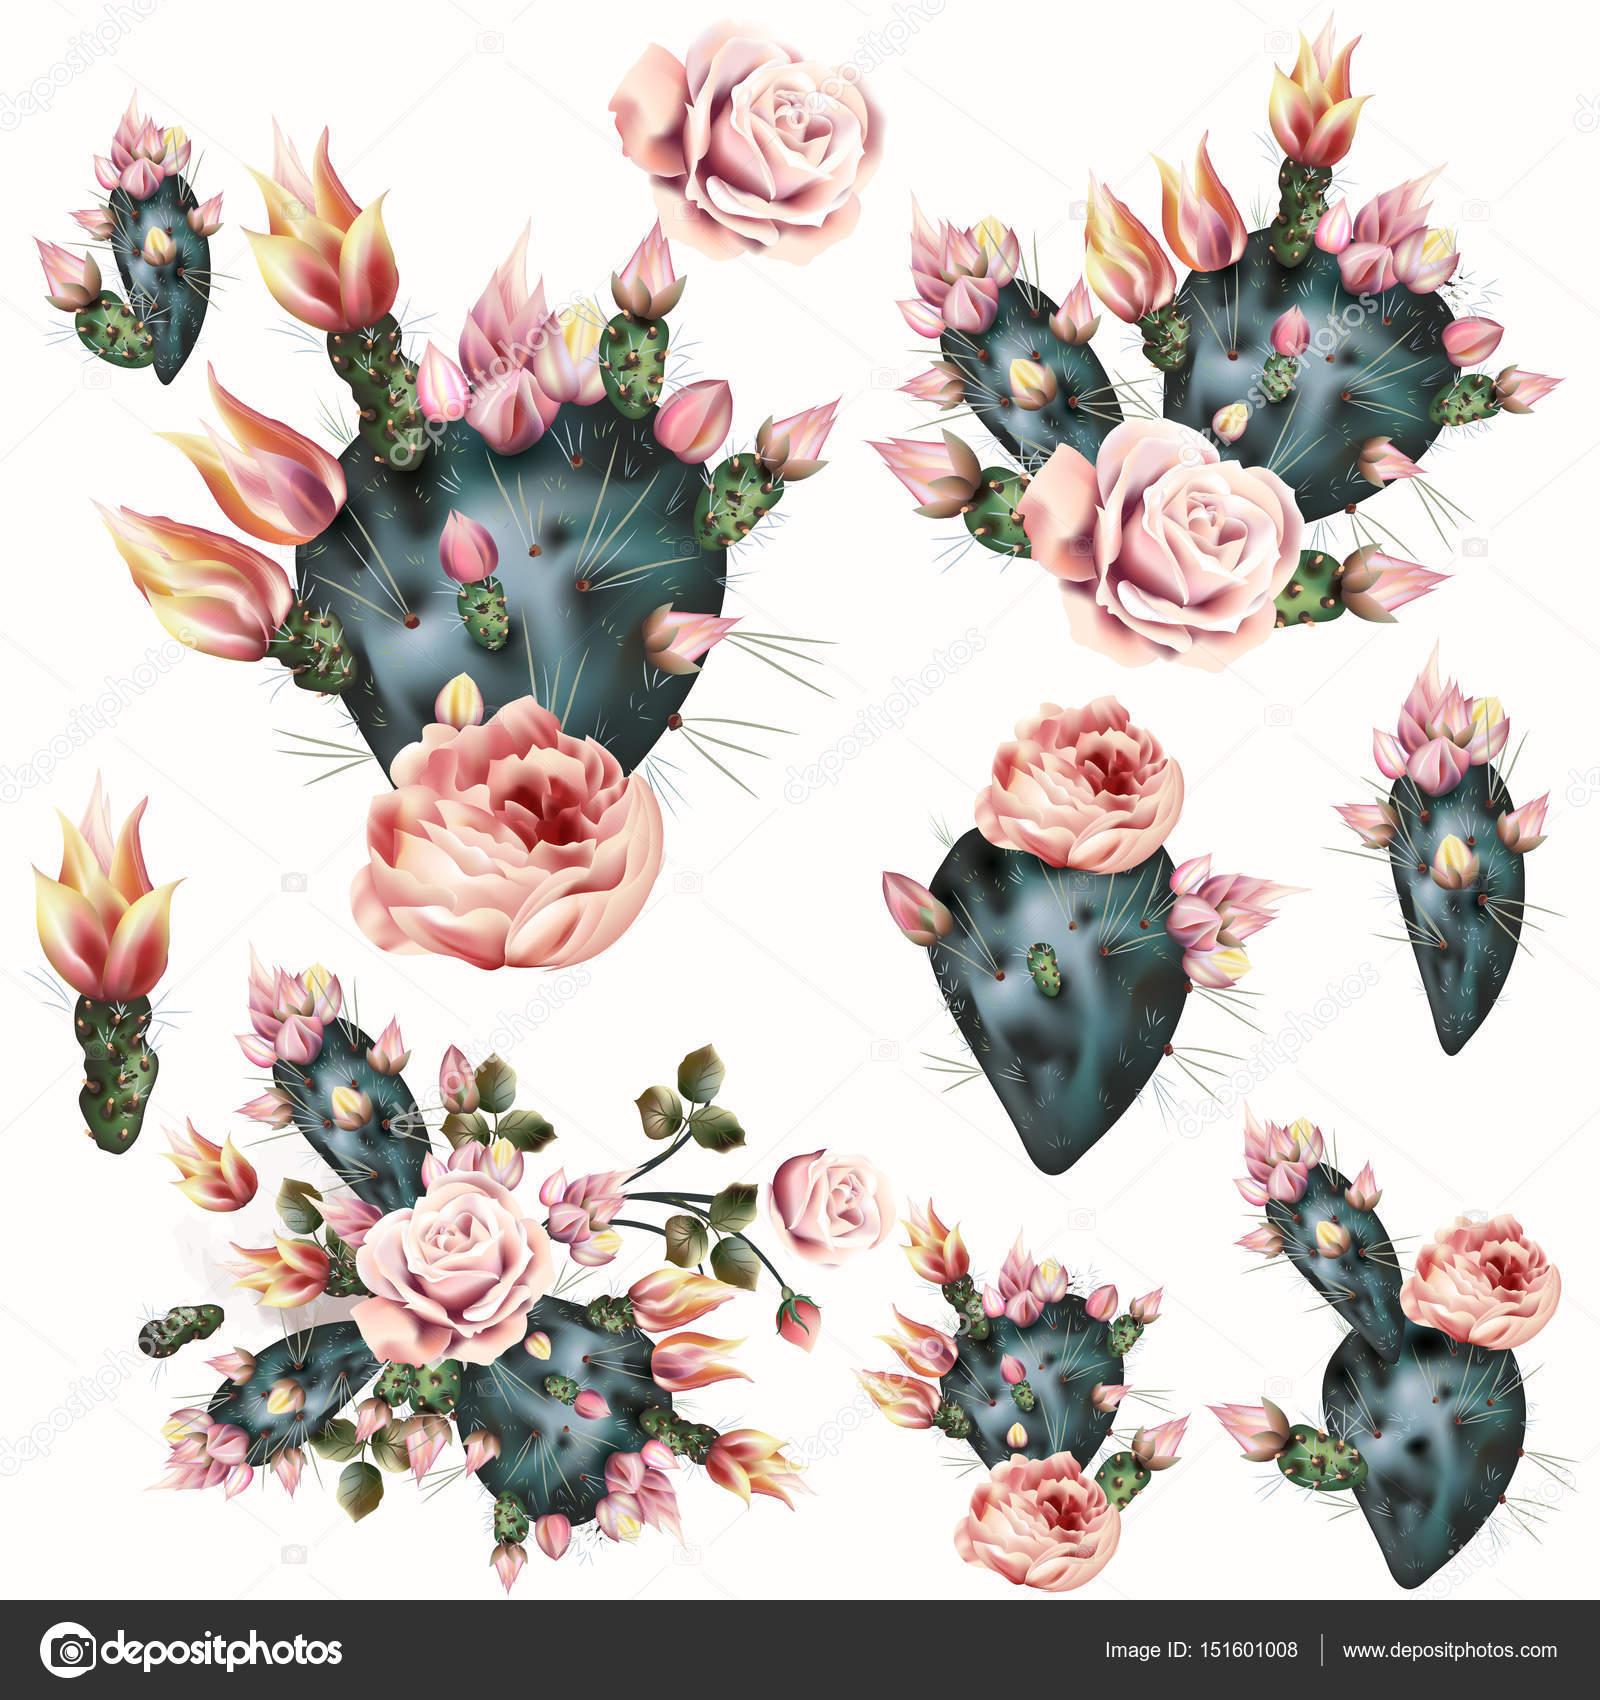 Dibujos Cactus Dibujo Realista Dibujo De Cactus Con Flores De